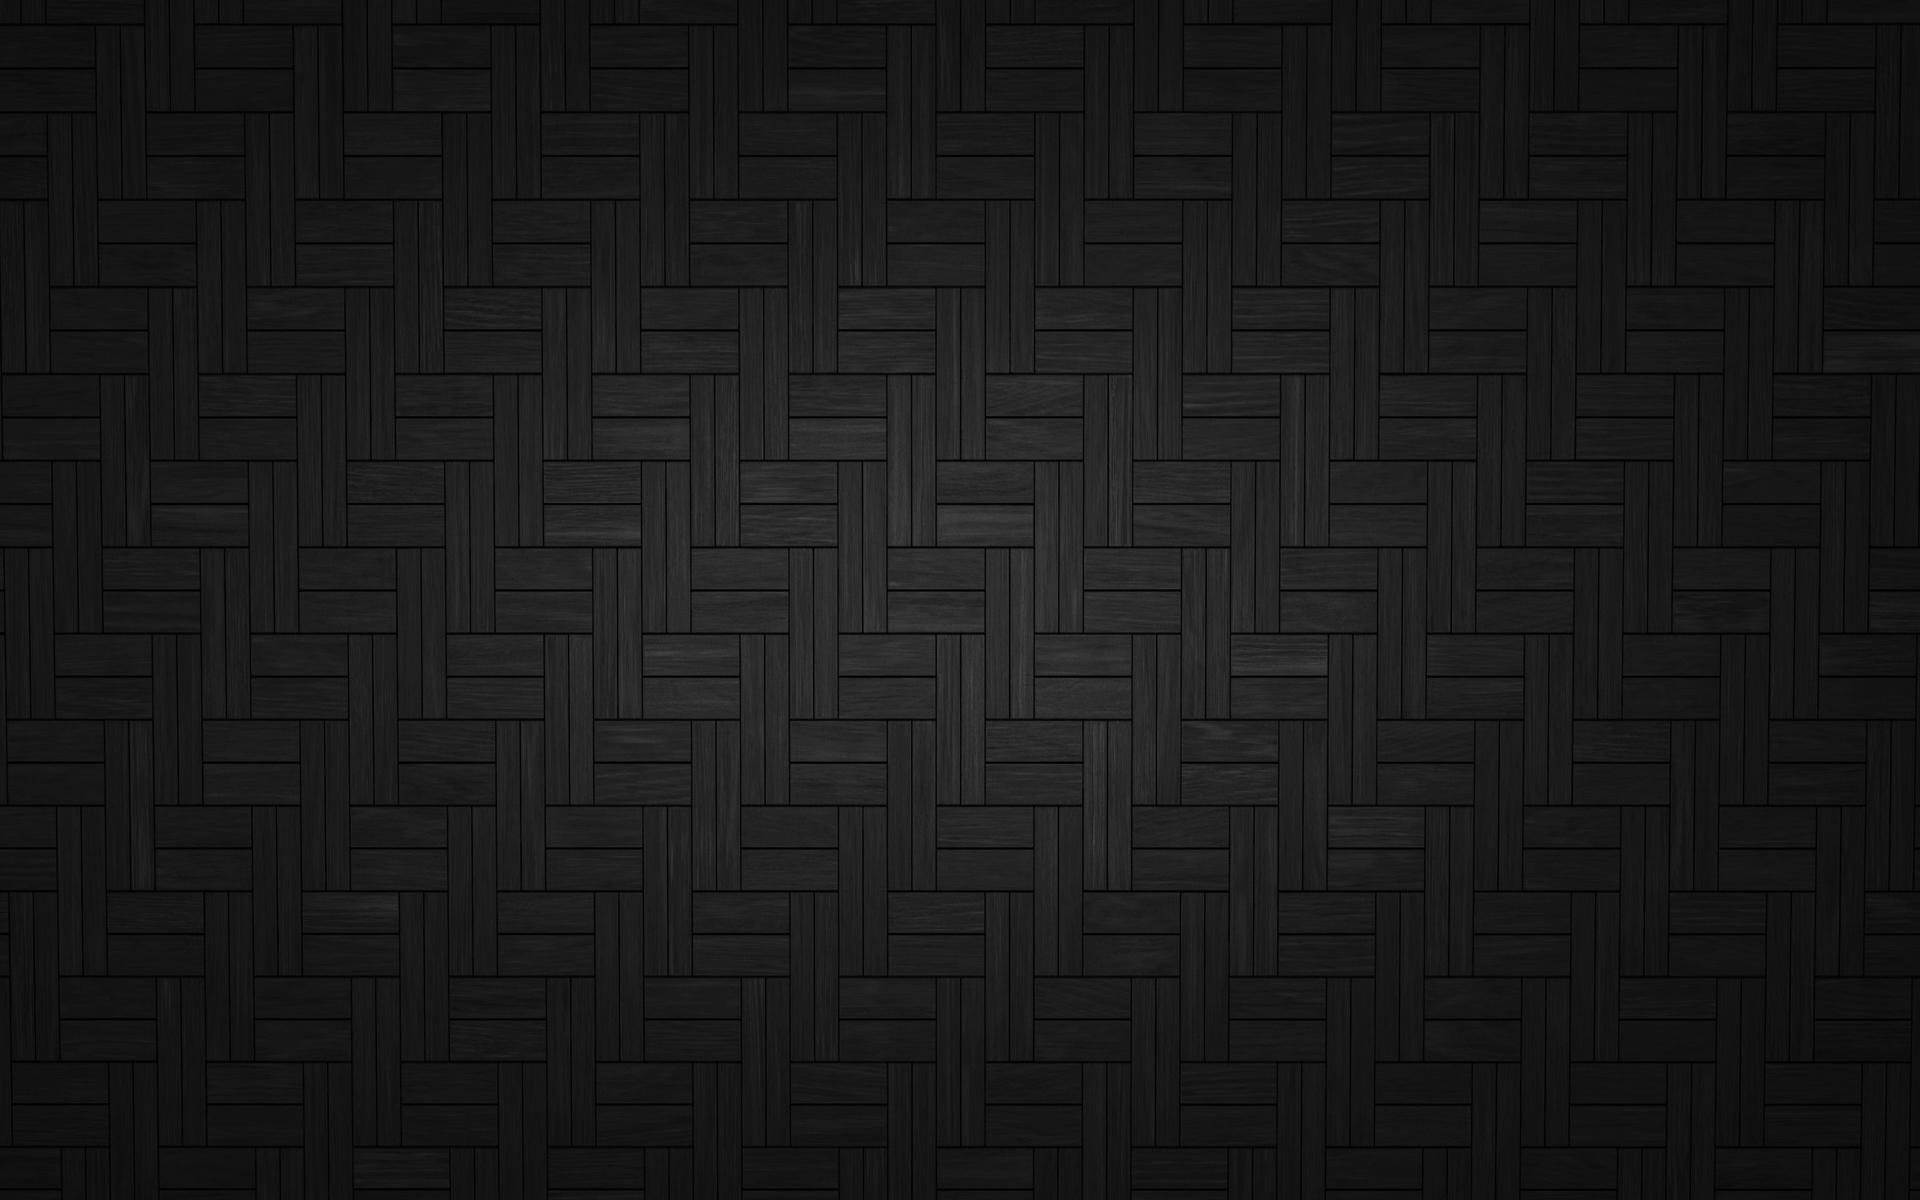 Hình nền màu đen cho desktop